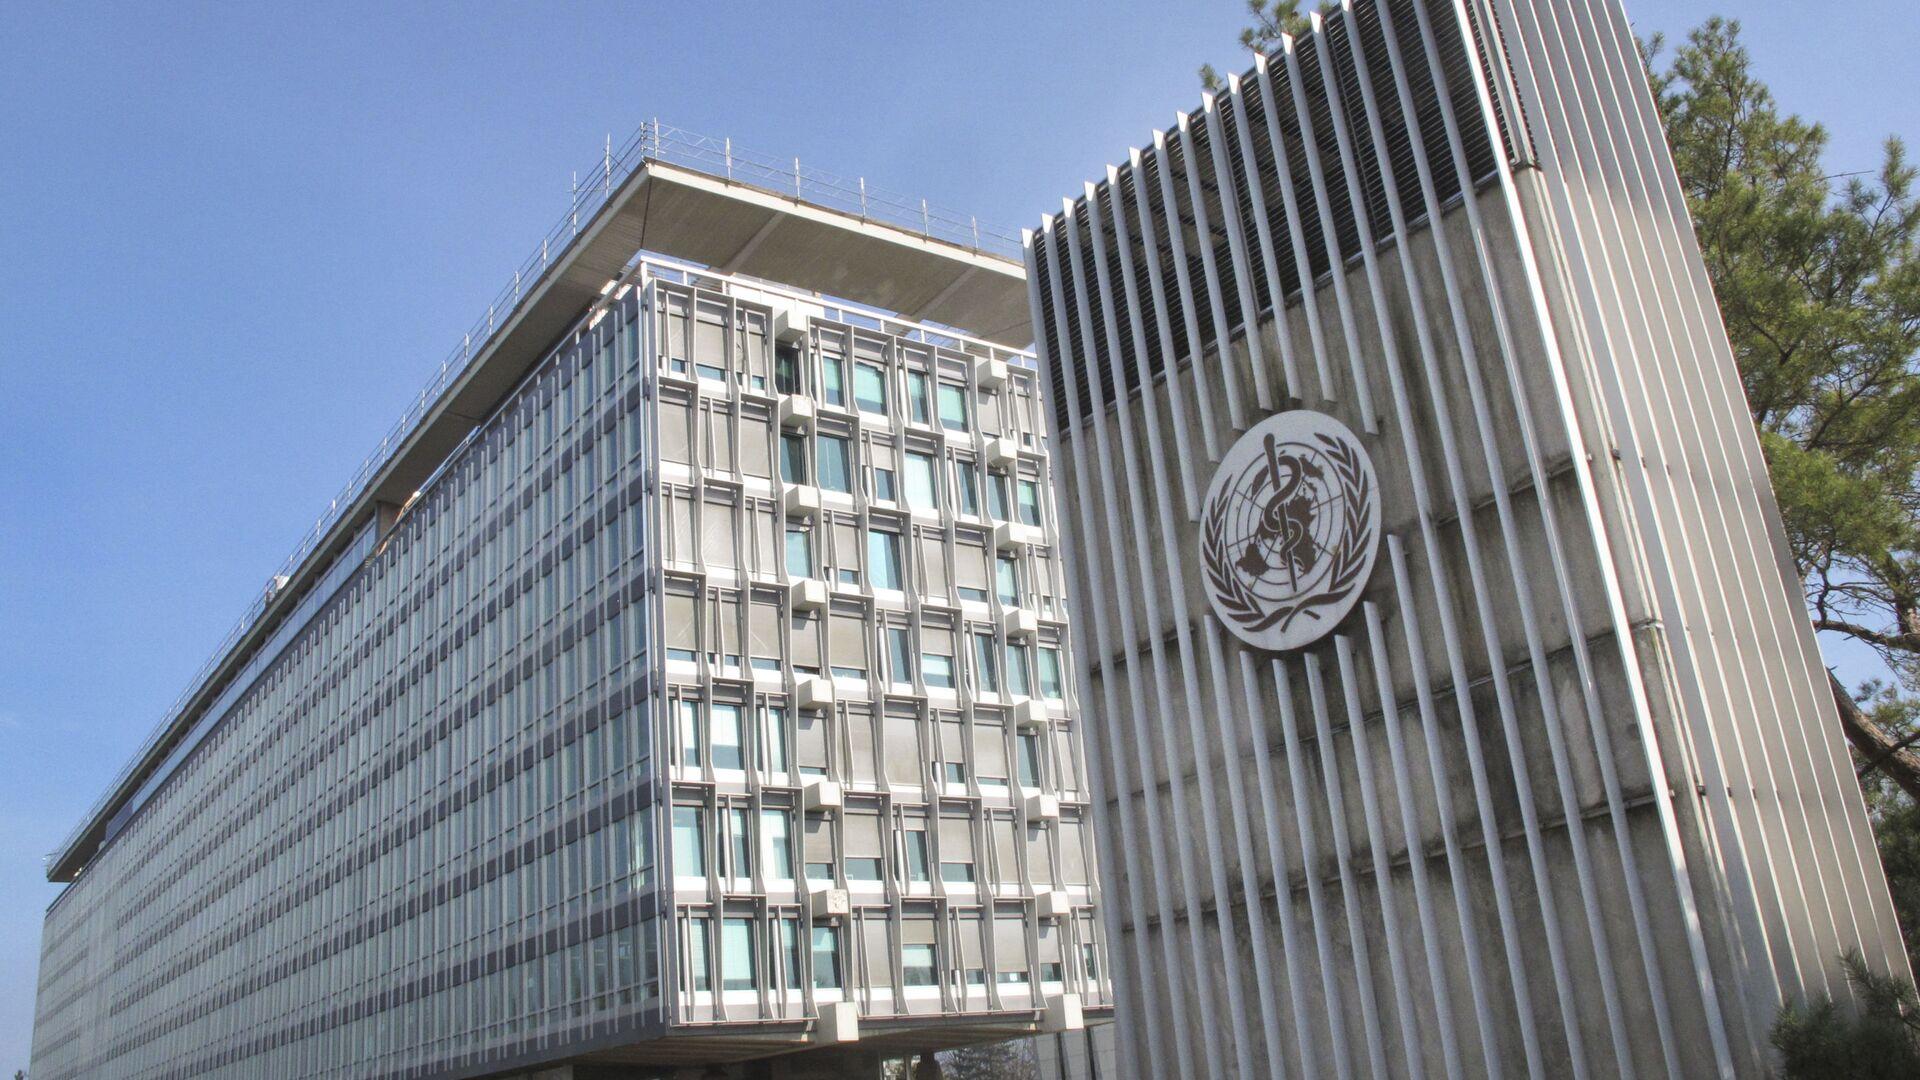 il quartier generale dell'OMS a Ginevra - Sputnik Italia, 1920, 21.07.2021